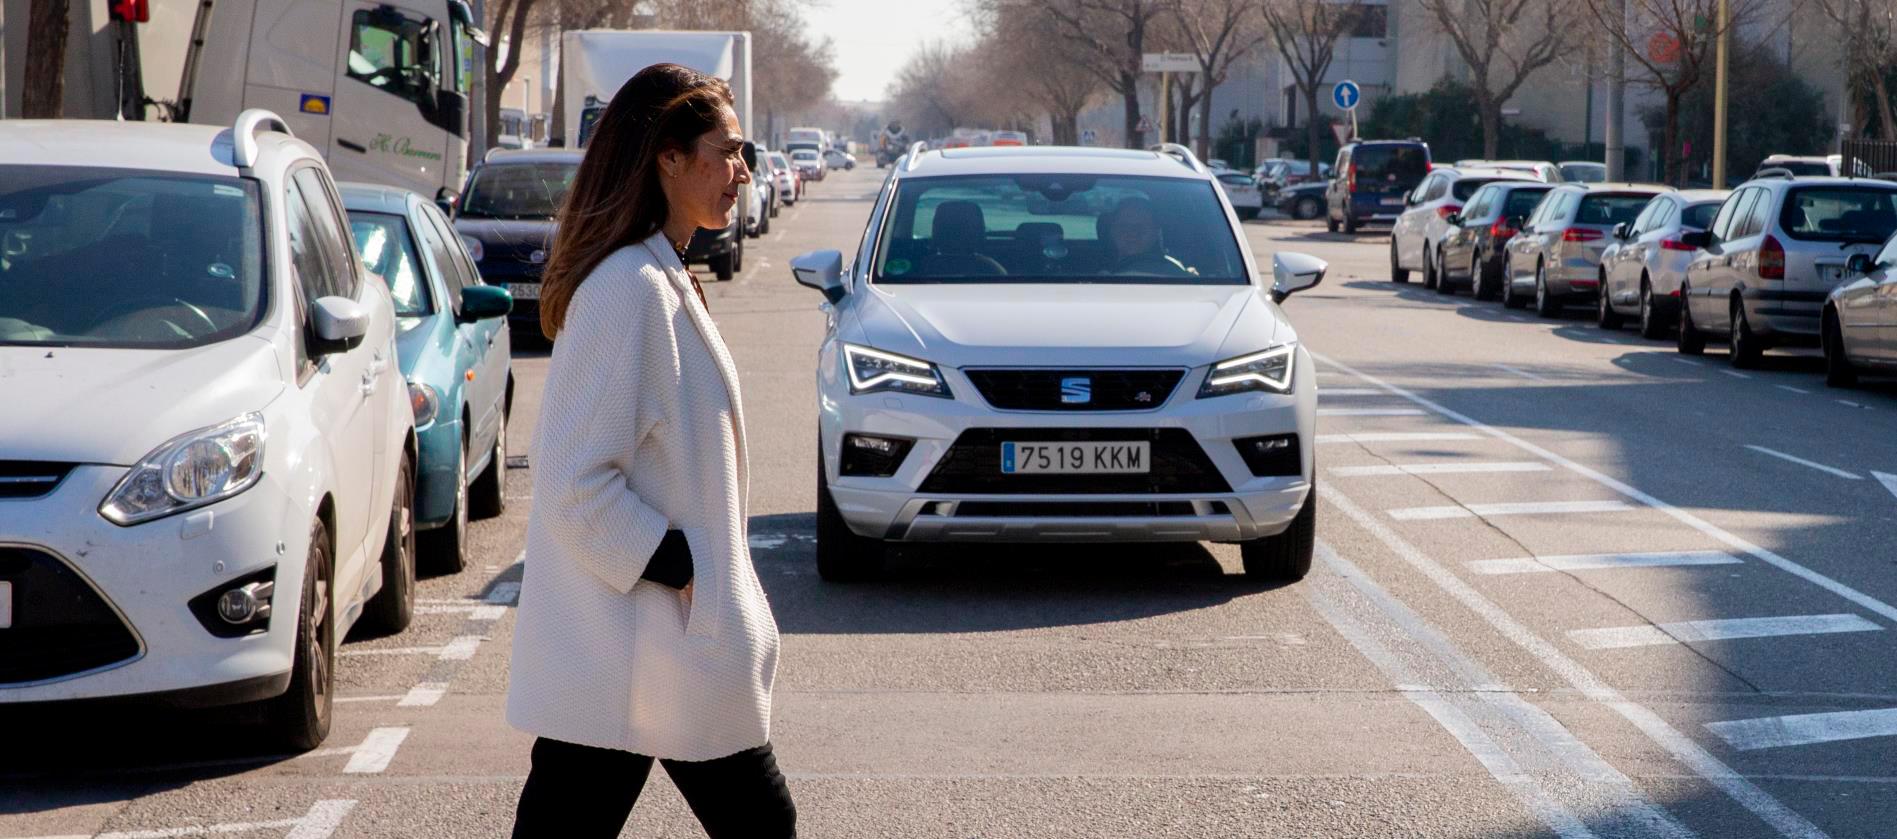 Conducir con un sexto sentido by SEAT (vídeo)